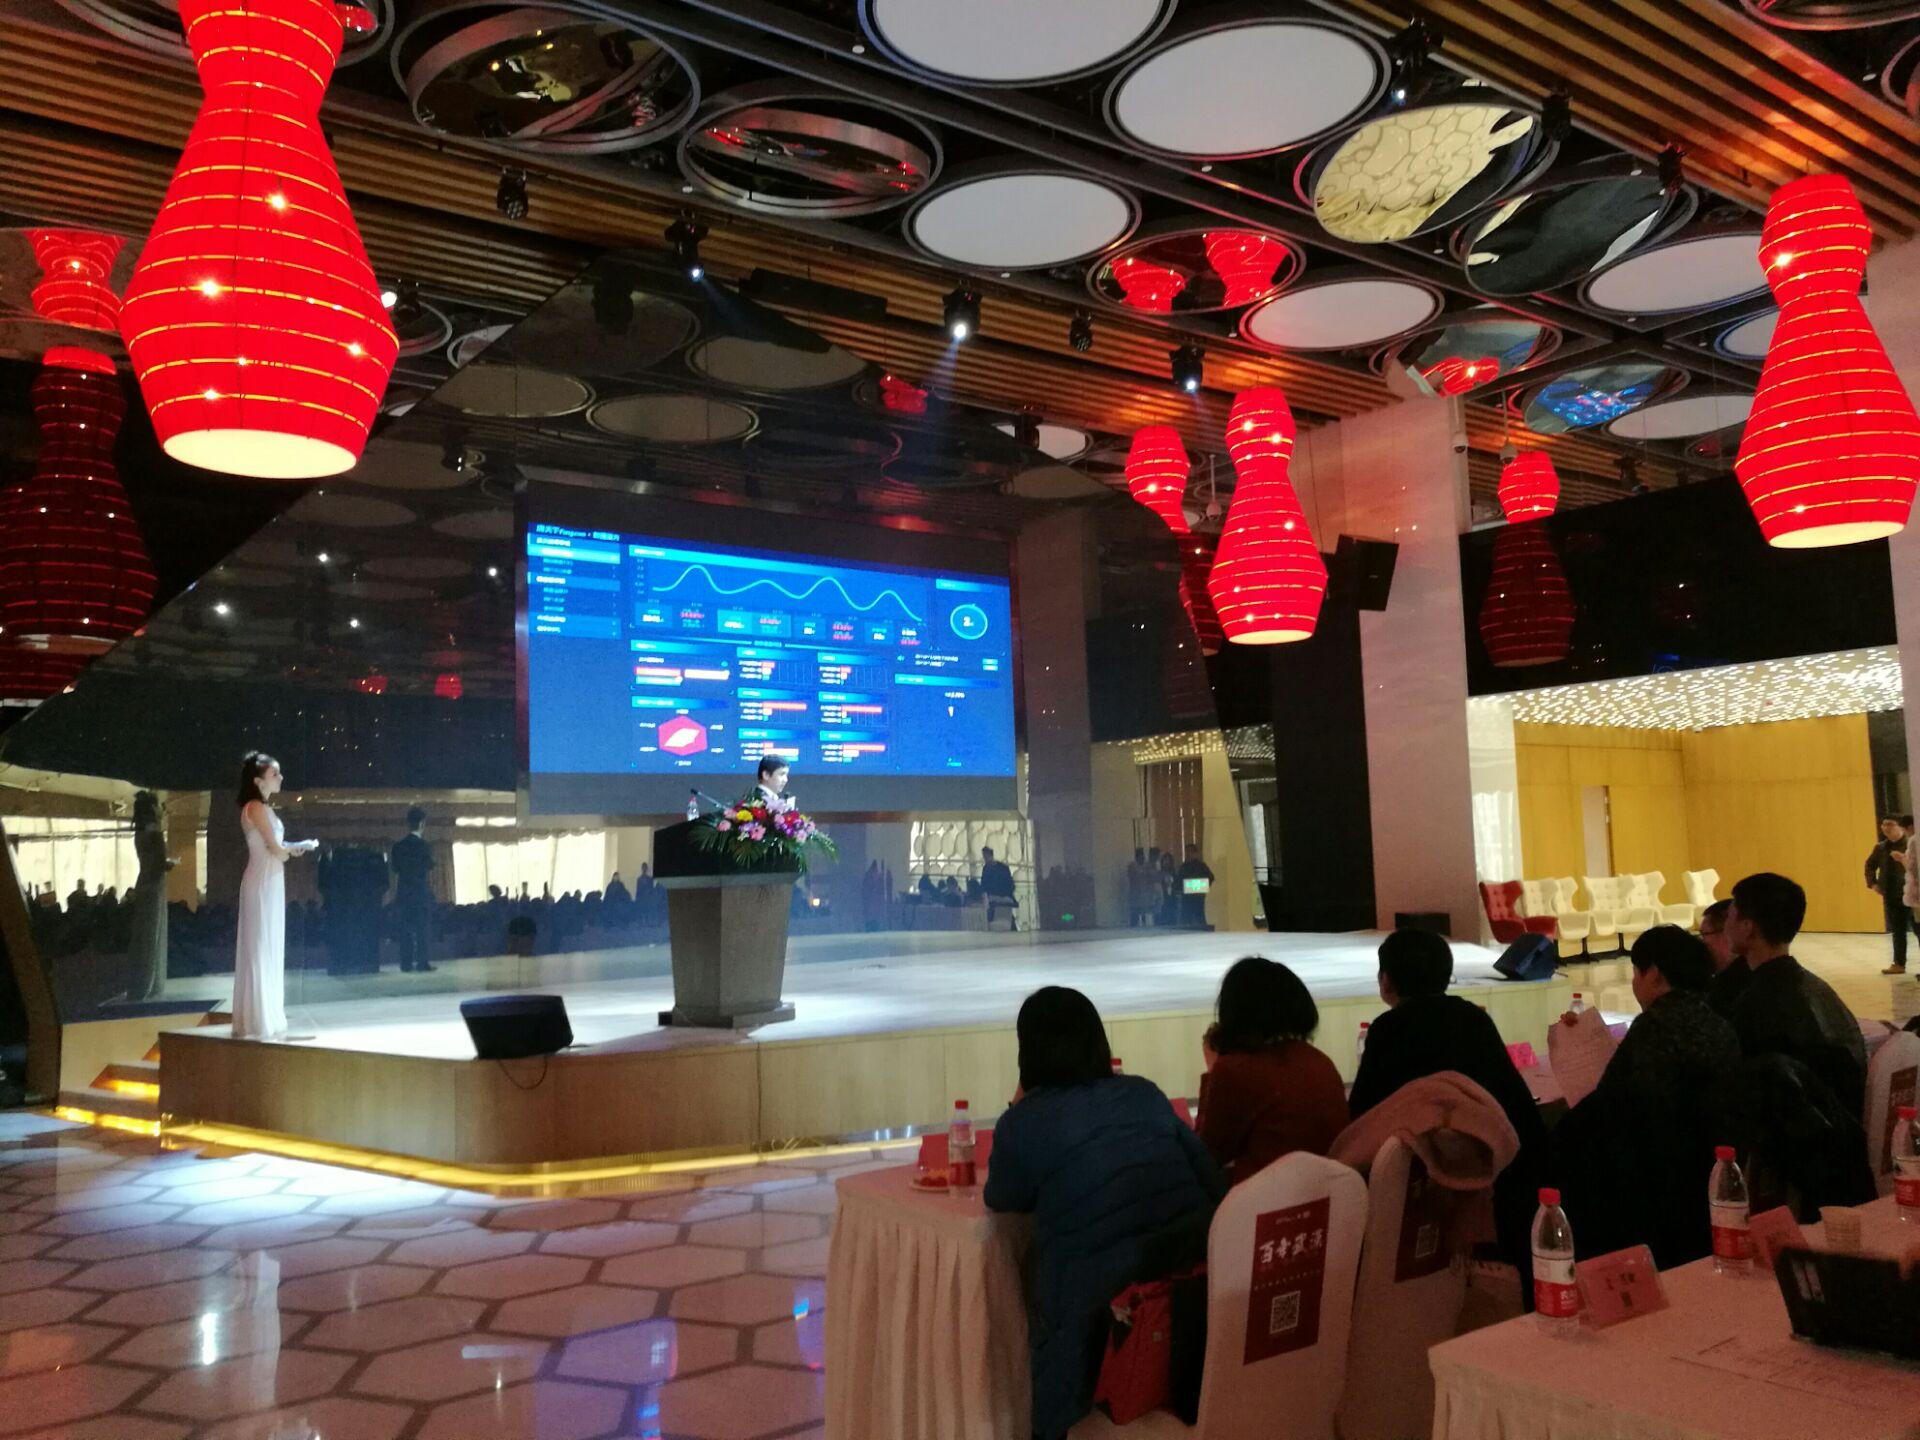 2018年会互动游戏|适合公司年会的节目|北京年会策划公司